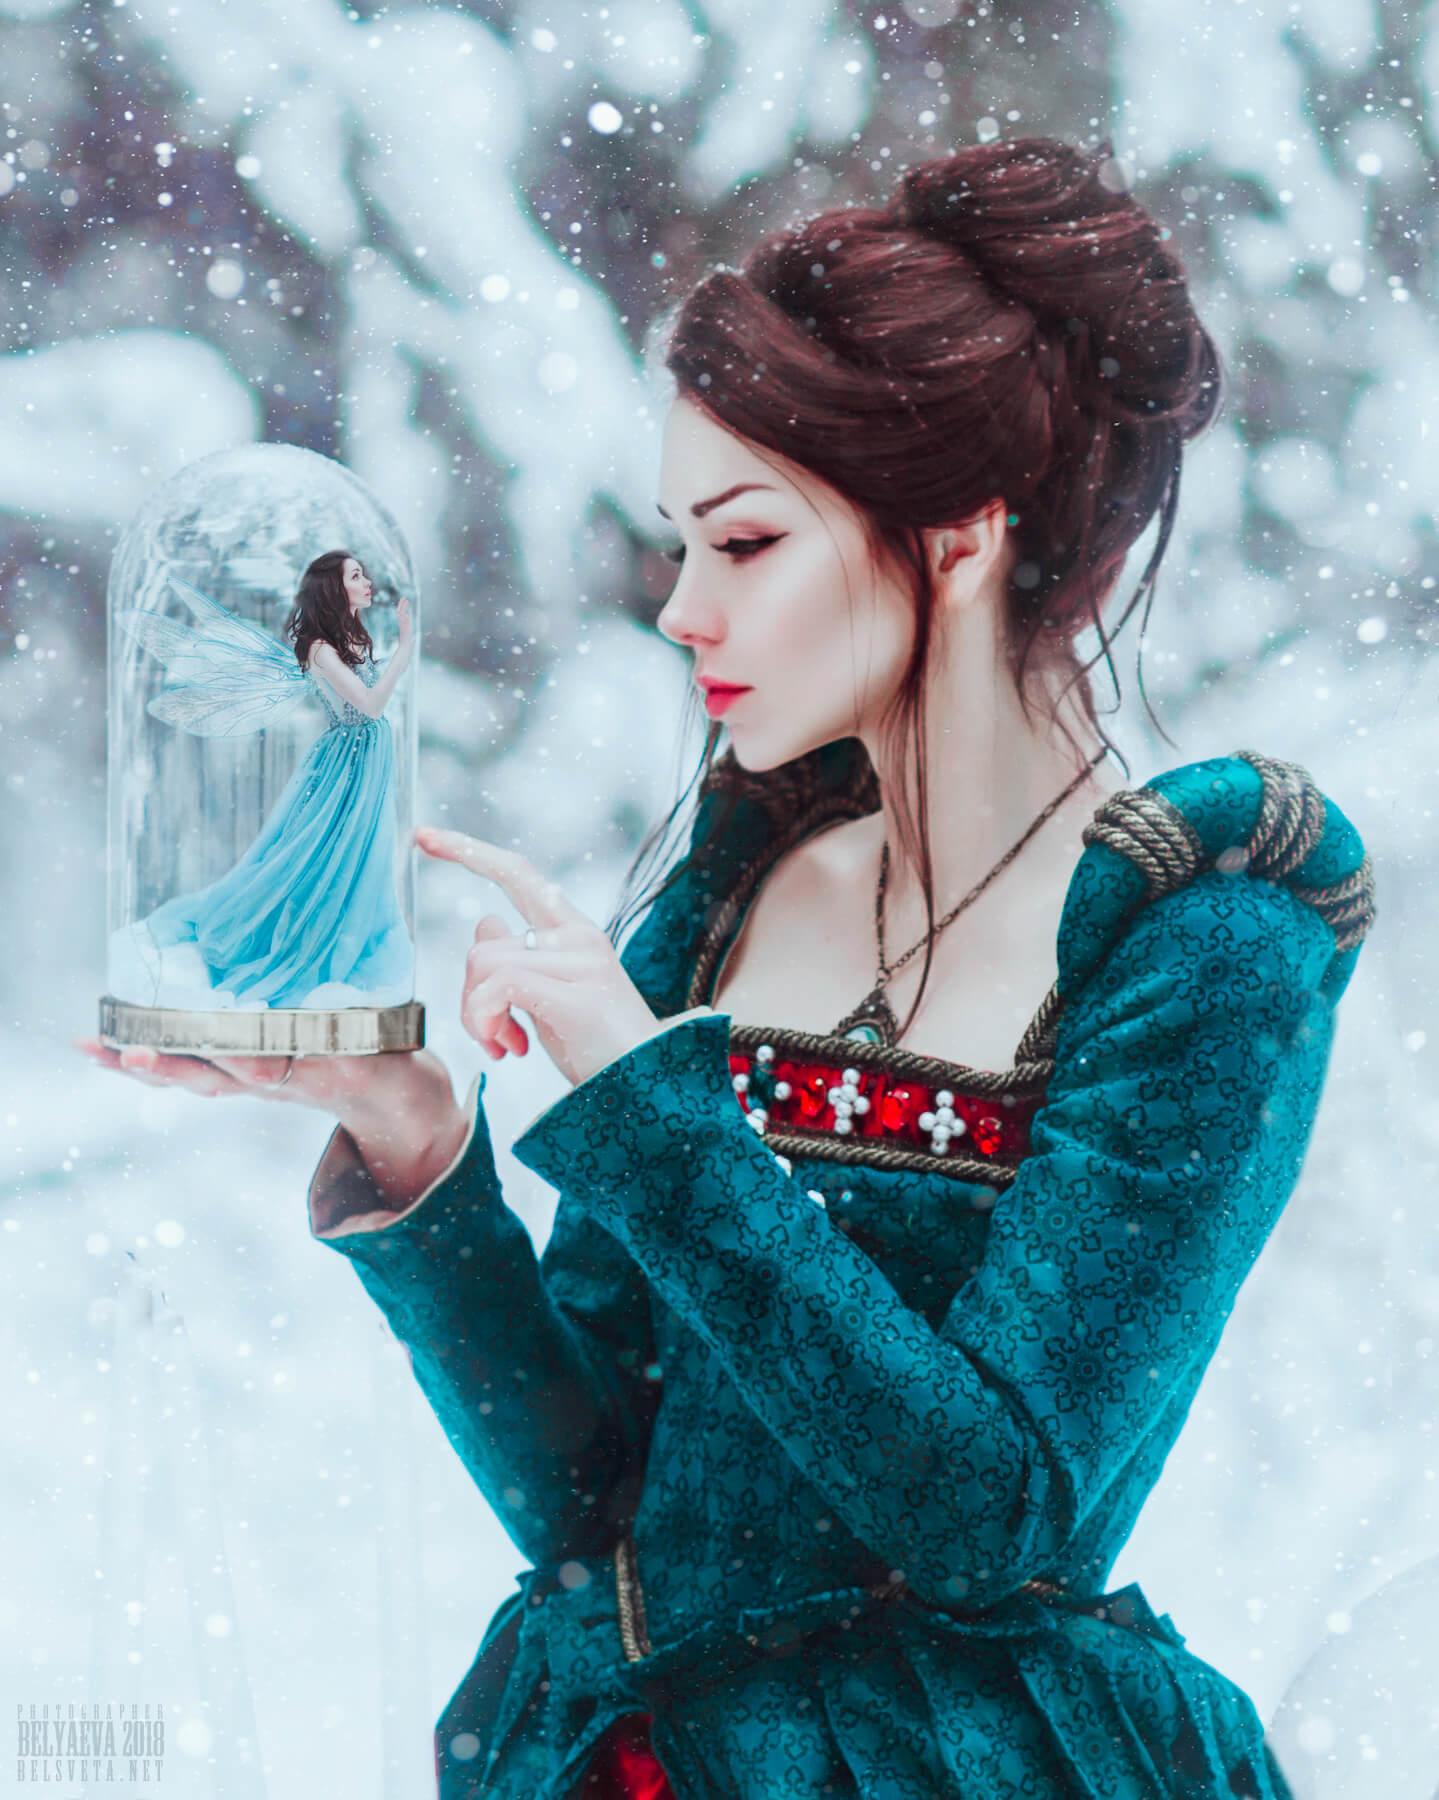 Сказочная фотосессия в зимнем лесу